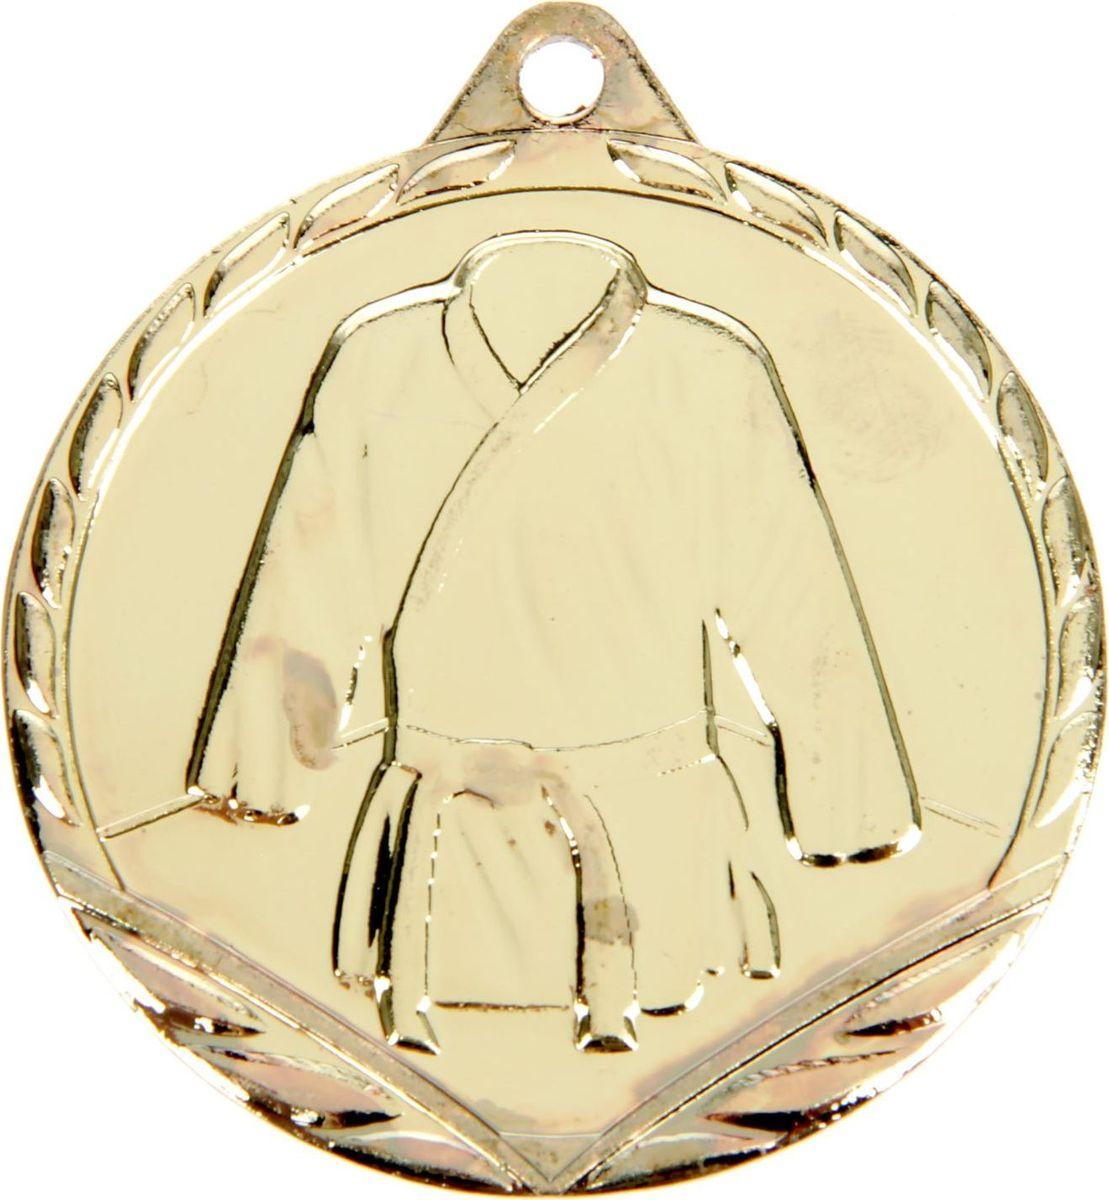 Медаль сувенирная Дзюдо, цвет: золотистый, диаметр 4,5 см. 0591387727Невозможно представить нашу жизнь без праздников! Мы всегда ждём их и предвкушаем, обдумываем, как проведём памятный день, тщательно выбираем подарки и аксессуары, ведь именно они создают и поддерживают торжественный настрой. Это отличный выбор, который привнесёт атмосферу праздника в ваш дом!